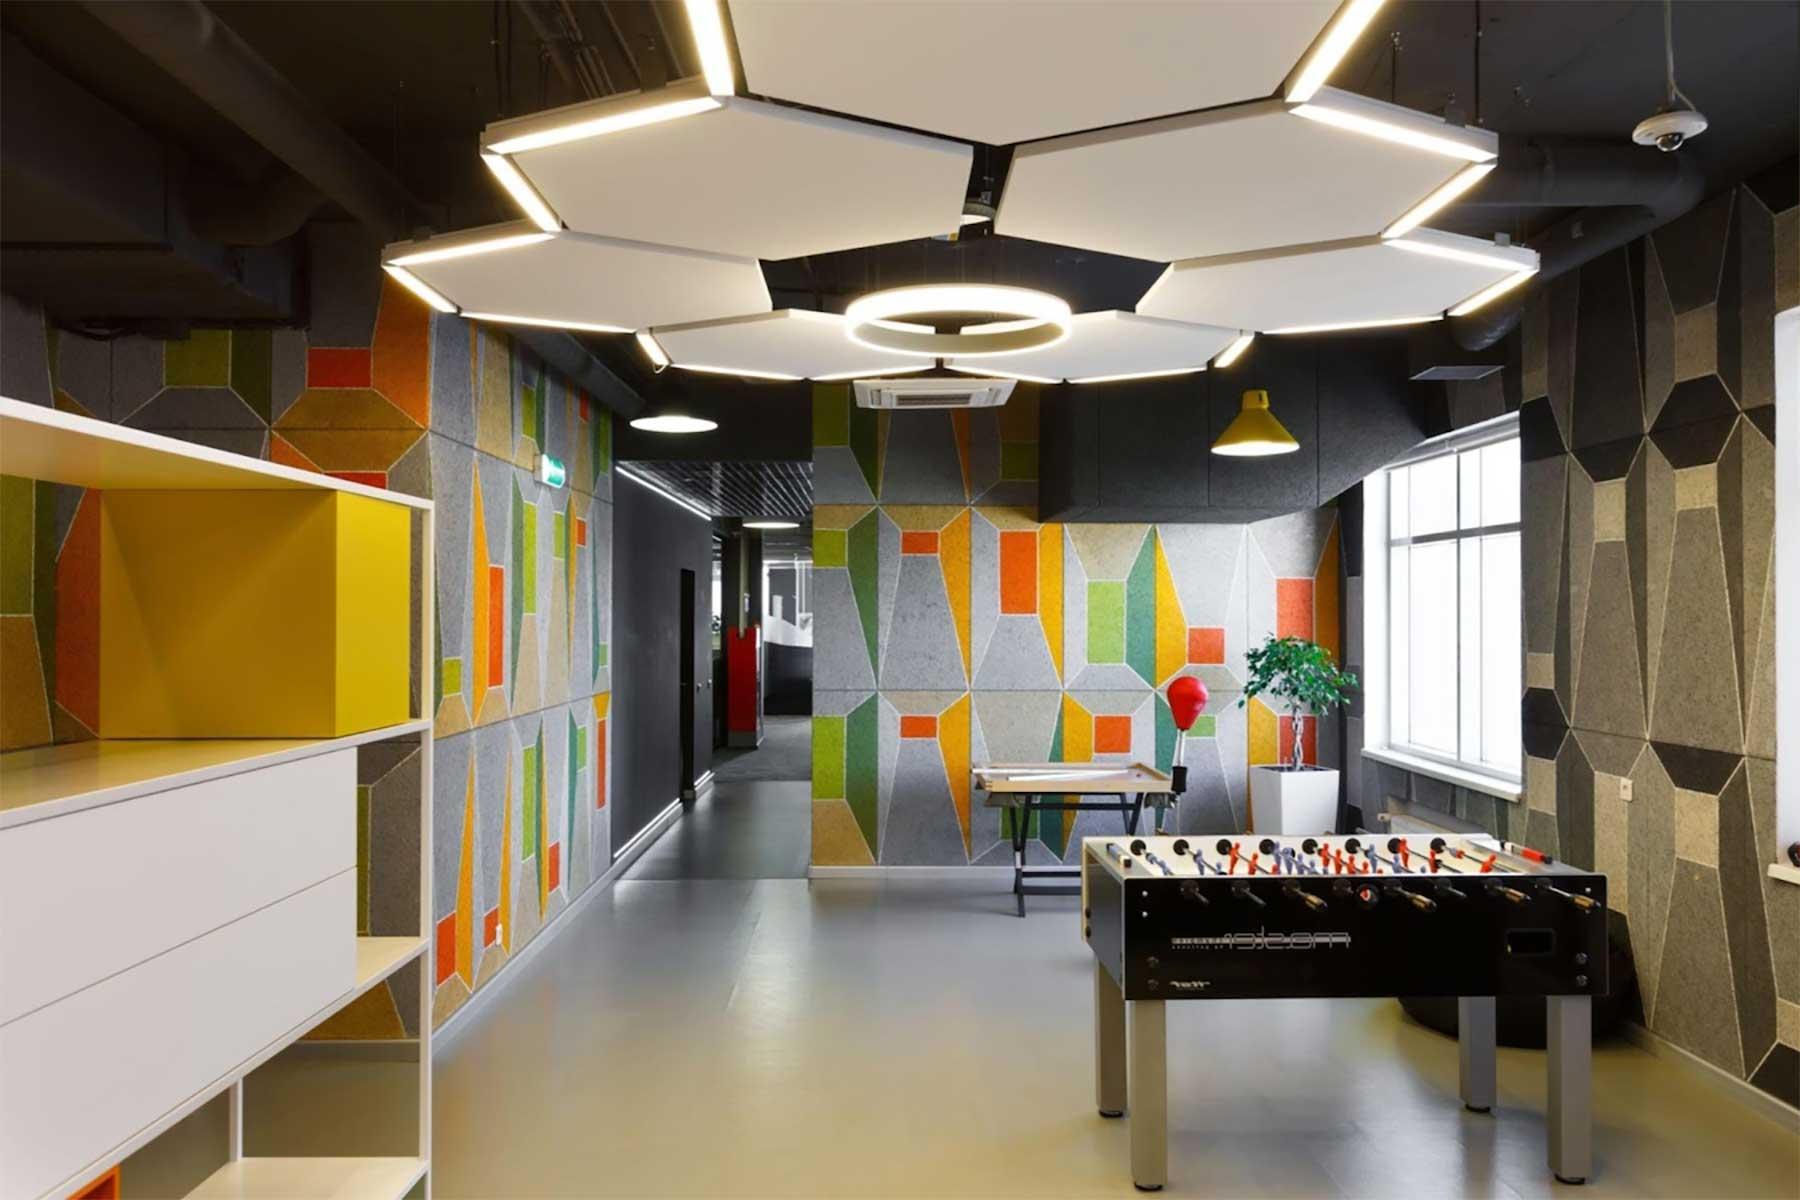 Oficinas con geometrías de colores